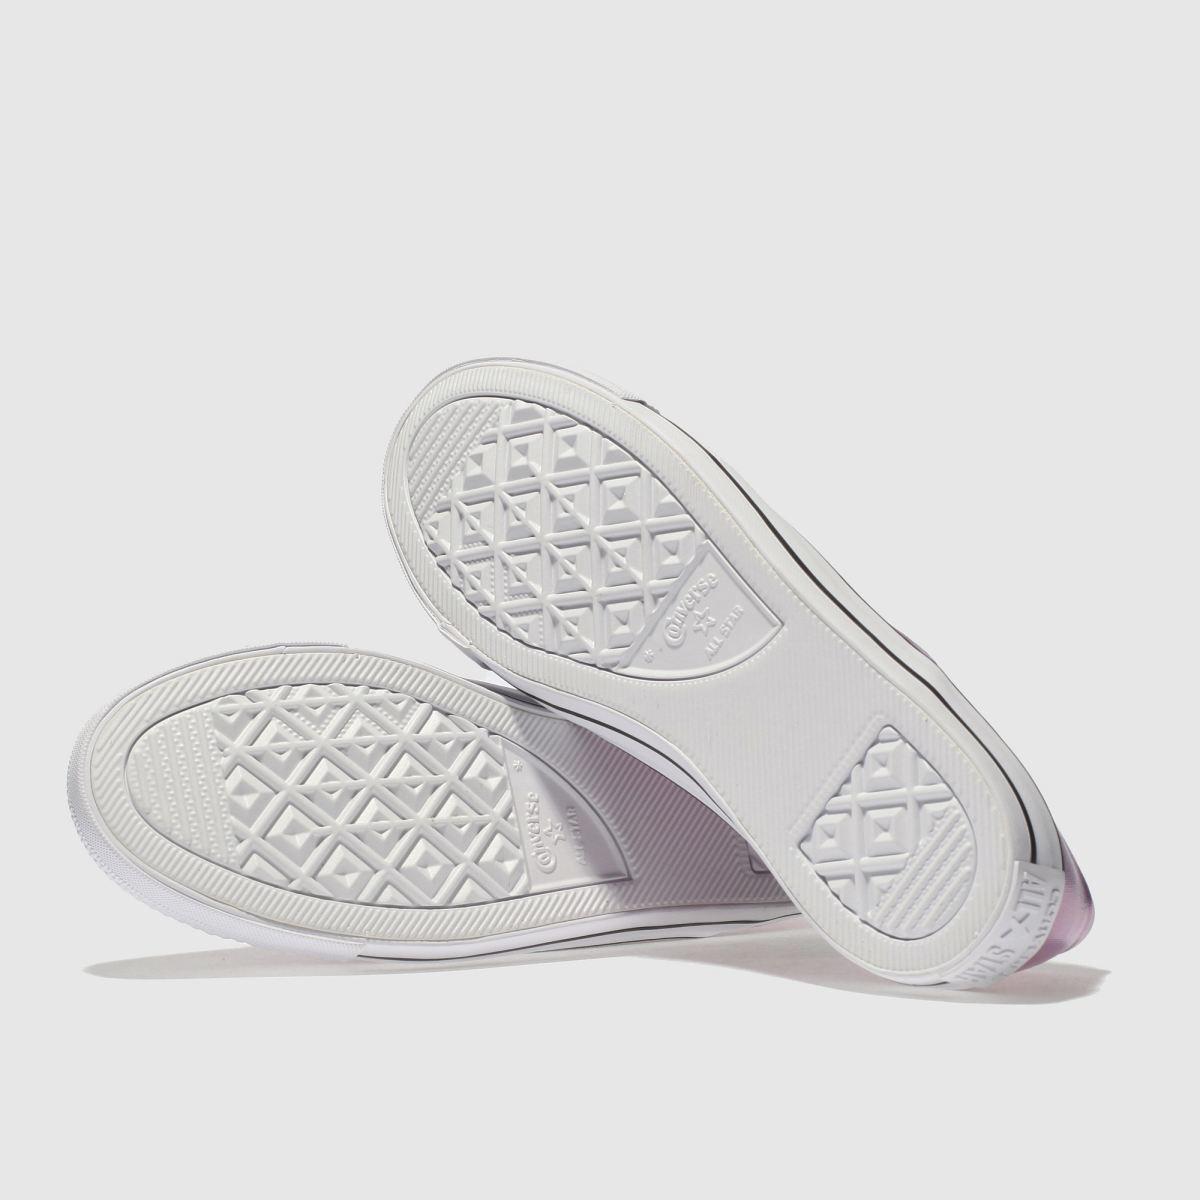 Damen Pink Iridescent converse All Star Coral Iridescent Pink Ox Sneaker | schuh Gute Qualität beliebte Schuhe 805ba9